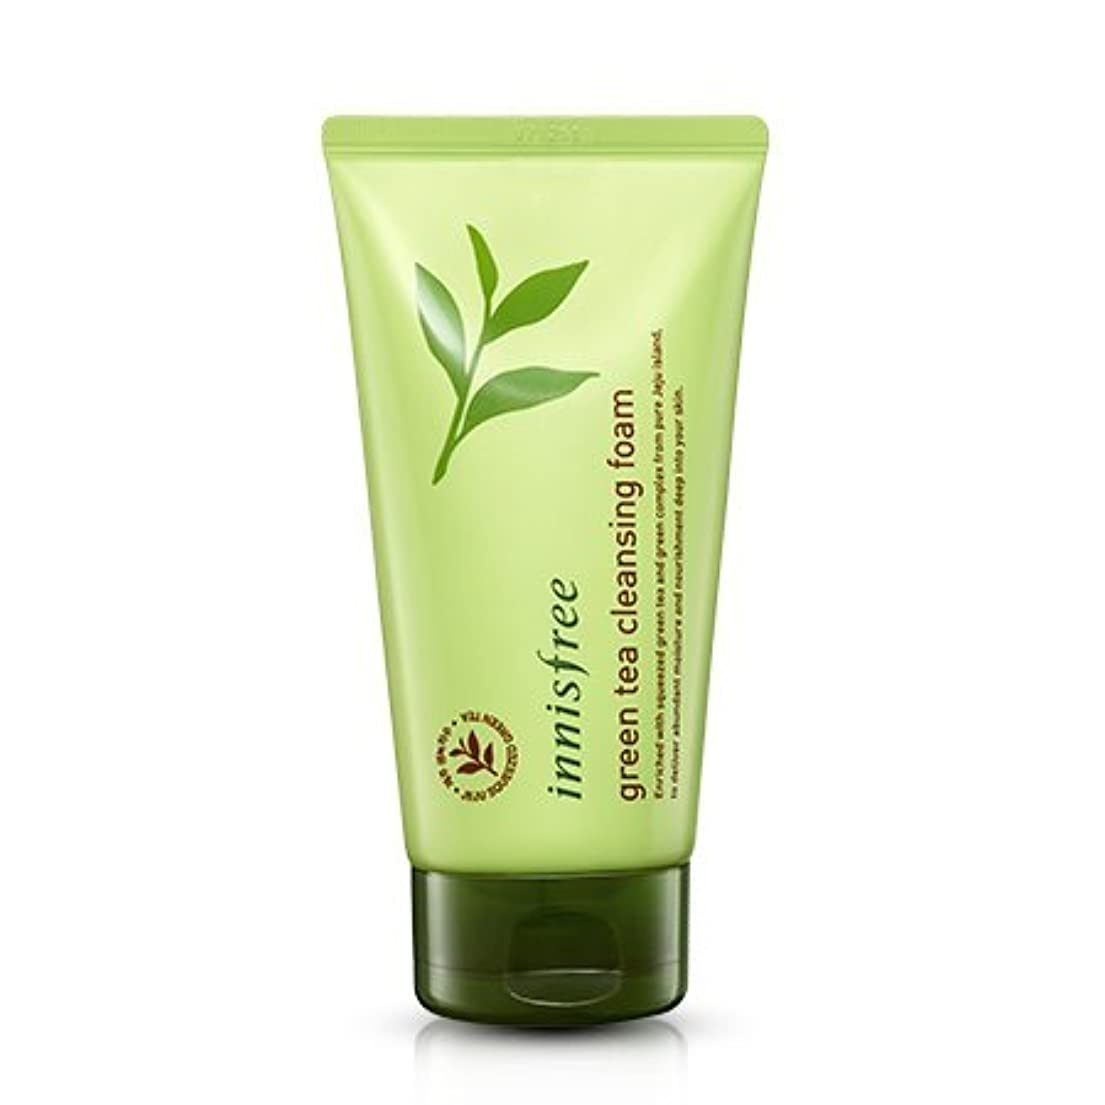 アーティキュレーションフォアタイプ偏見(Innisfree イニスフリー) GREEN TEA CLEANSING FOAM グリーンティー クレンジング フォーム 洗顔フォーム 洗顔料